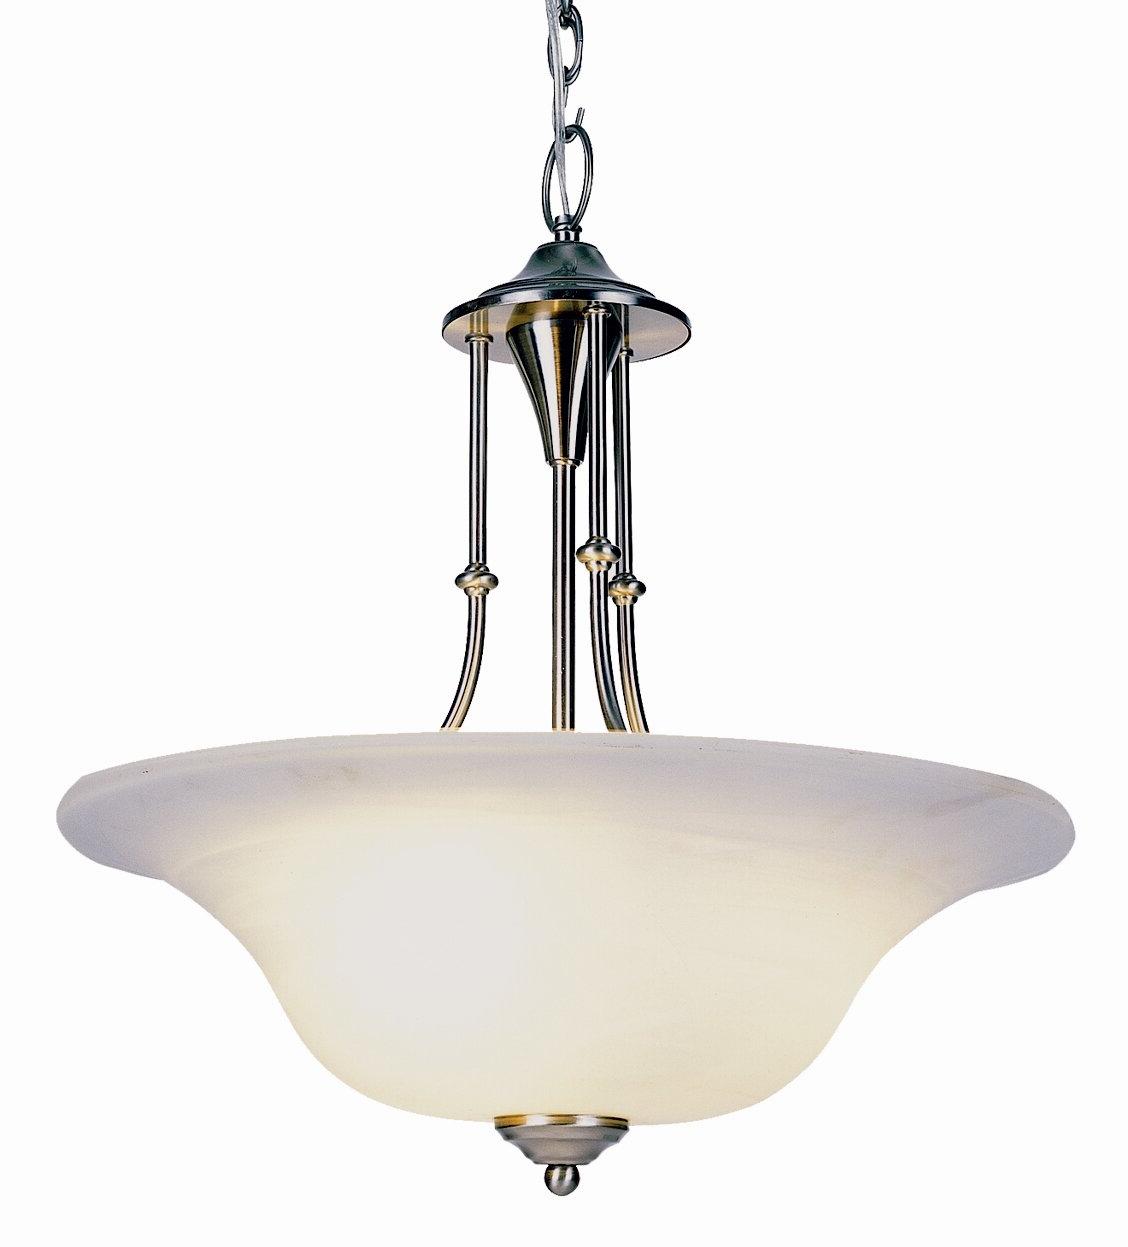 Newent 3 Light Single Bowl Pendants Intended For Preferred Newent 3 Light Bowl Pendant (View 3 of 20)